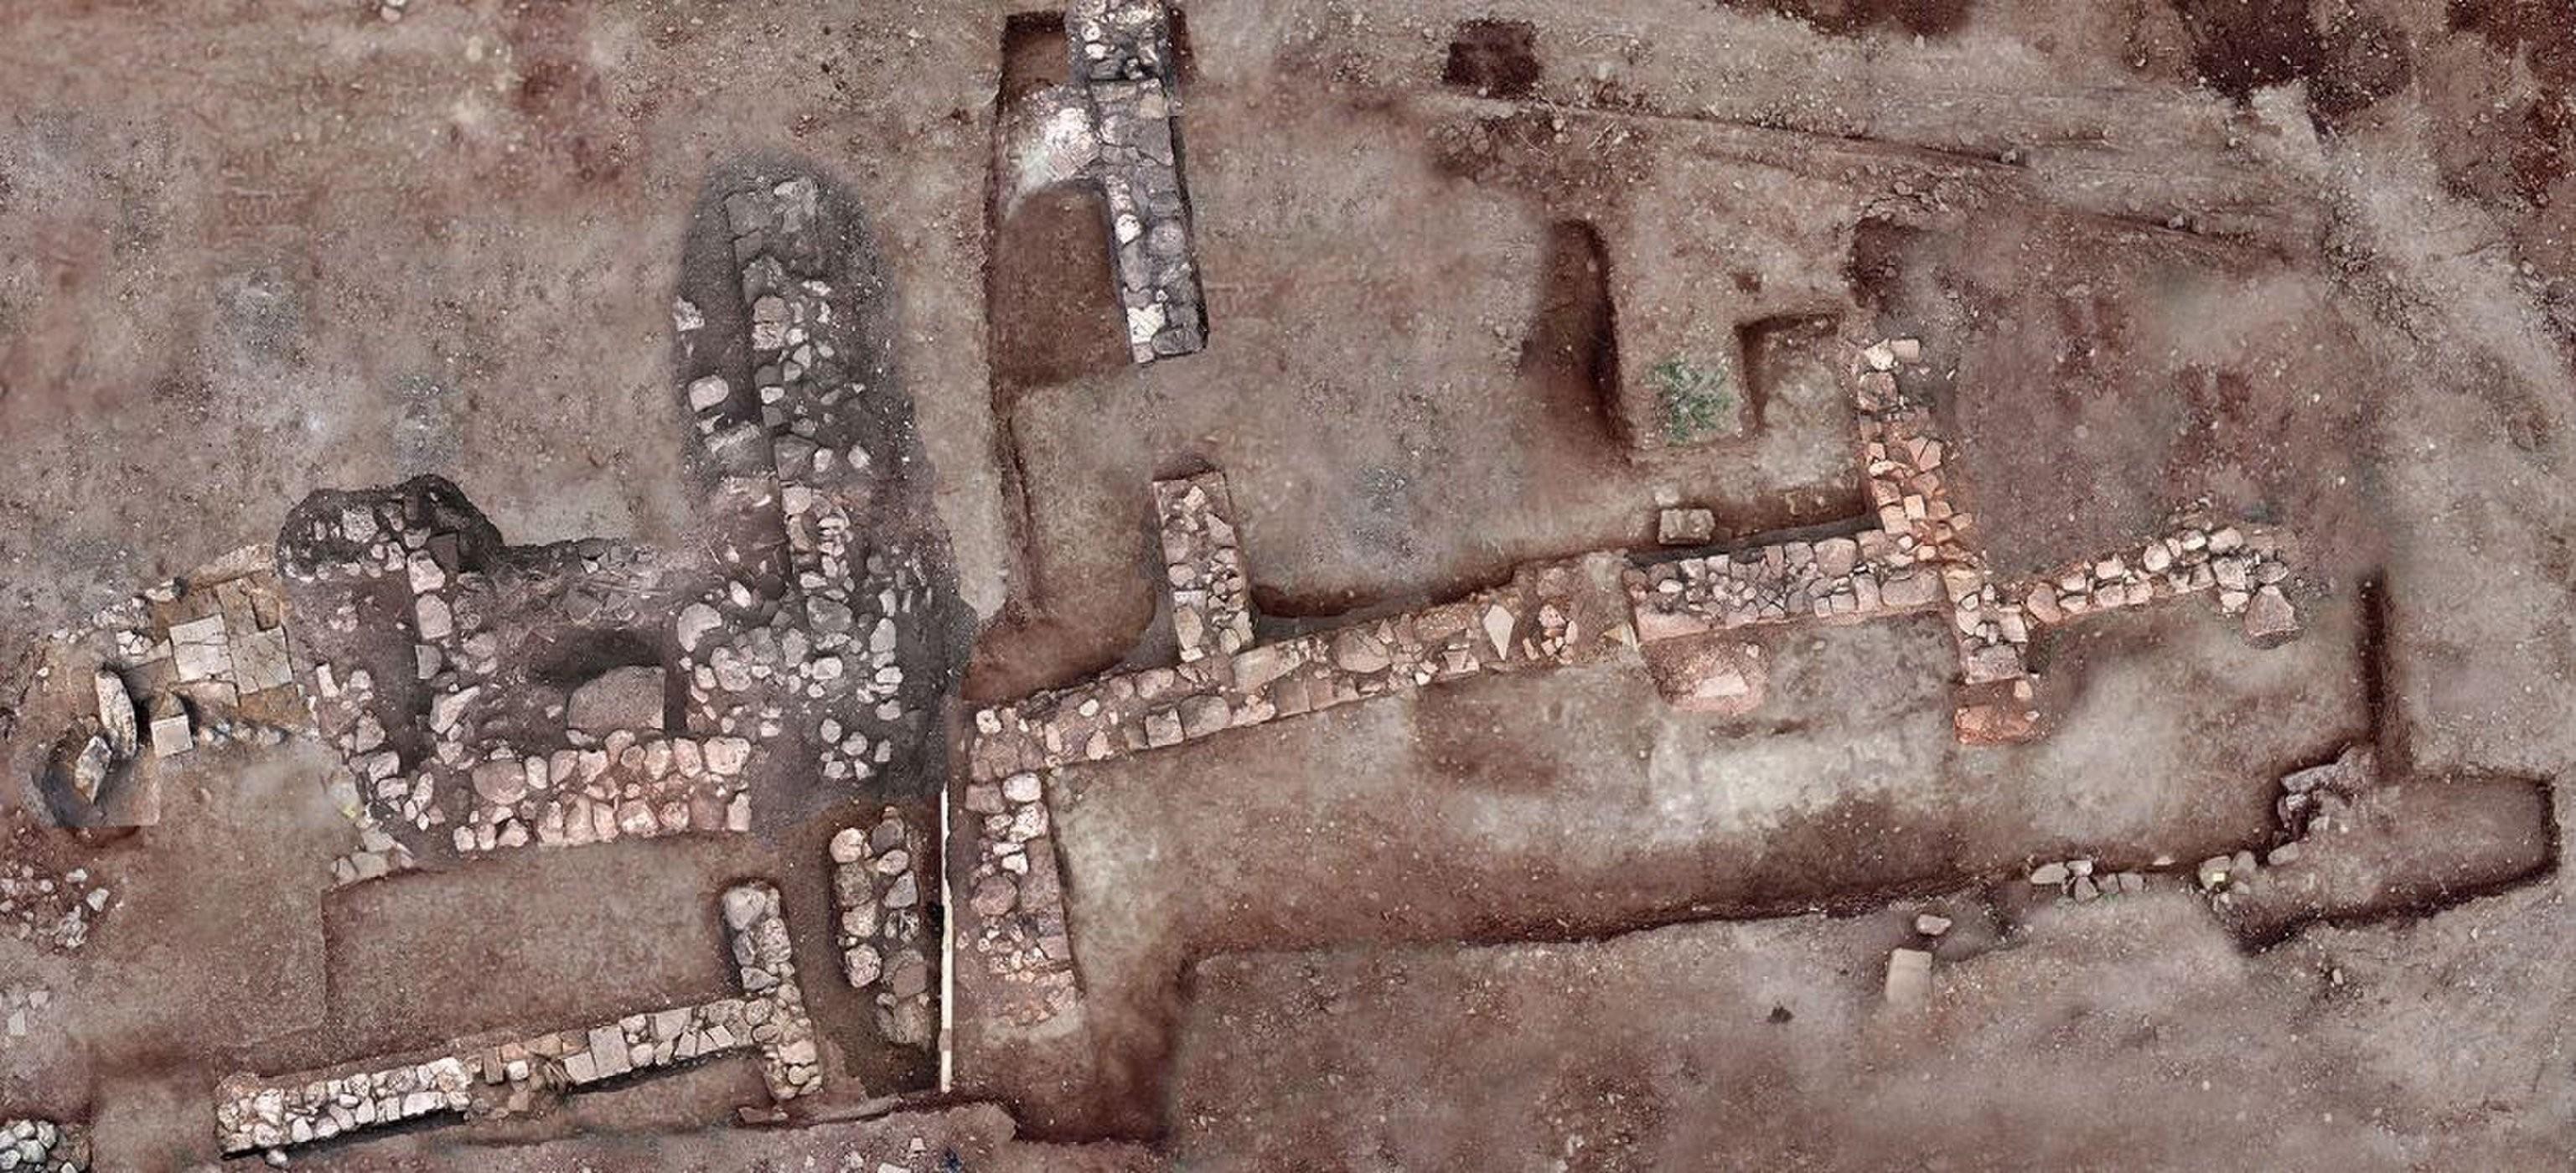 Cemitério foi encontrado na cidade grega de Tenea (Foto: Greek Ministry of Culture)